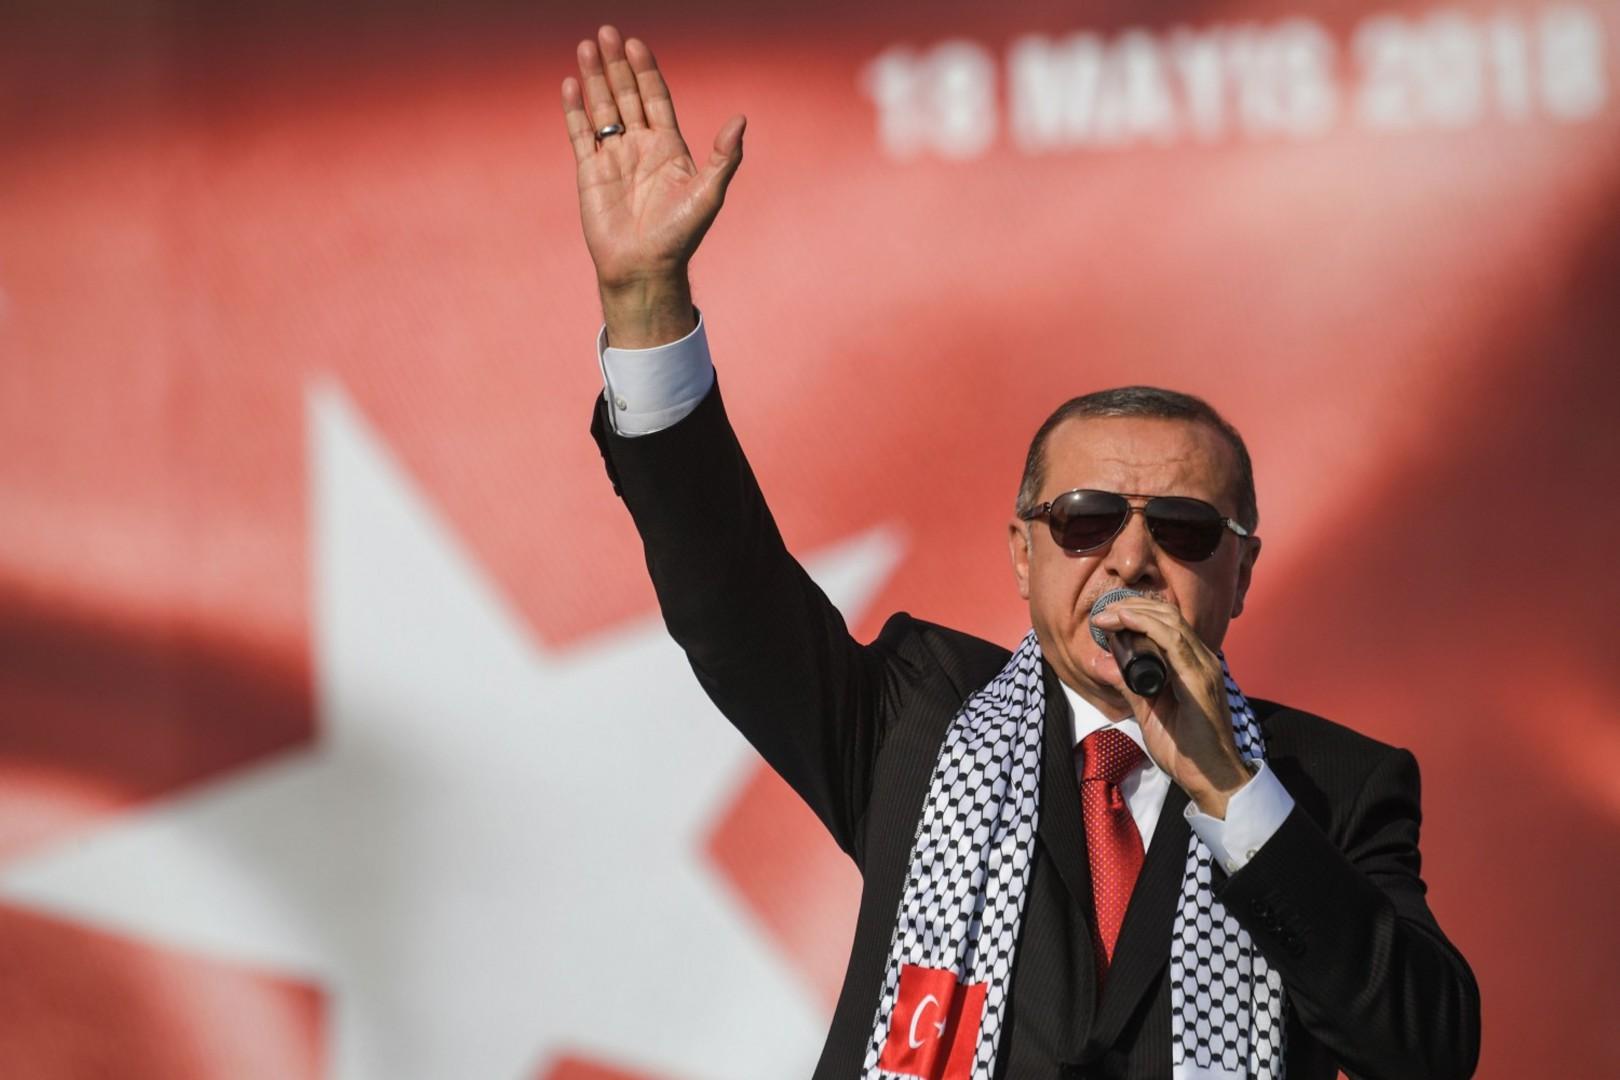 Il presidente turco Erdogan ha tenuto un comizio nella città turca per avviare la campagna elettorale in vista delle elezioni anticipate